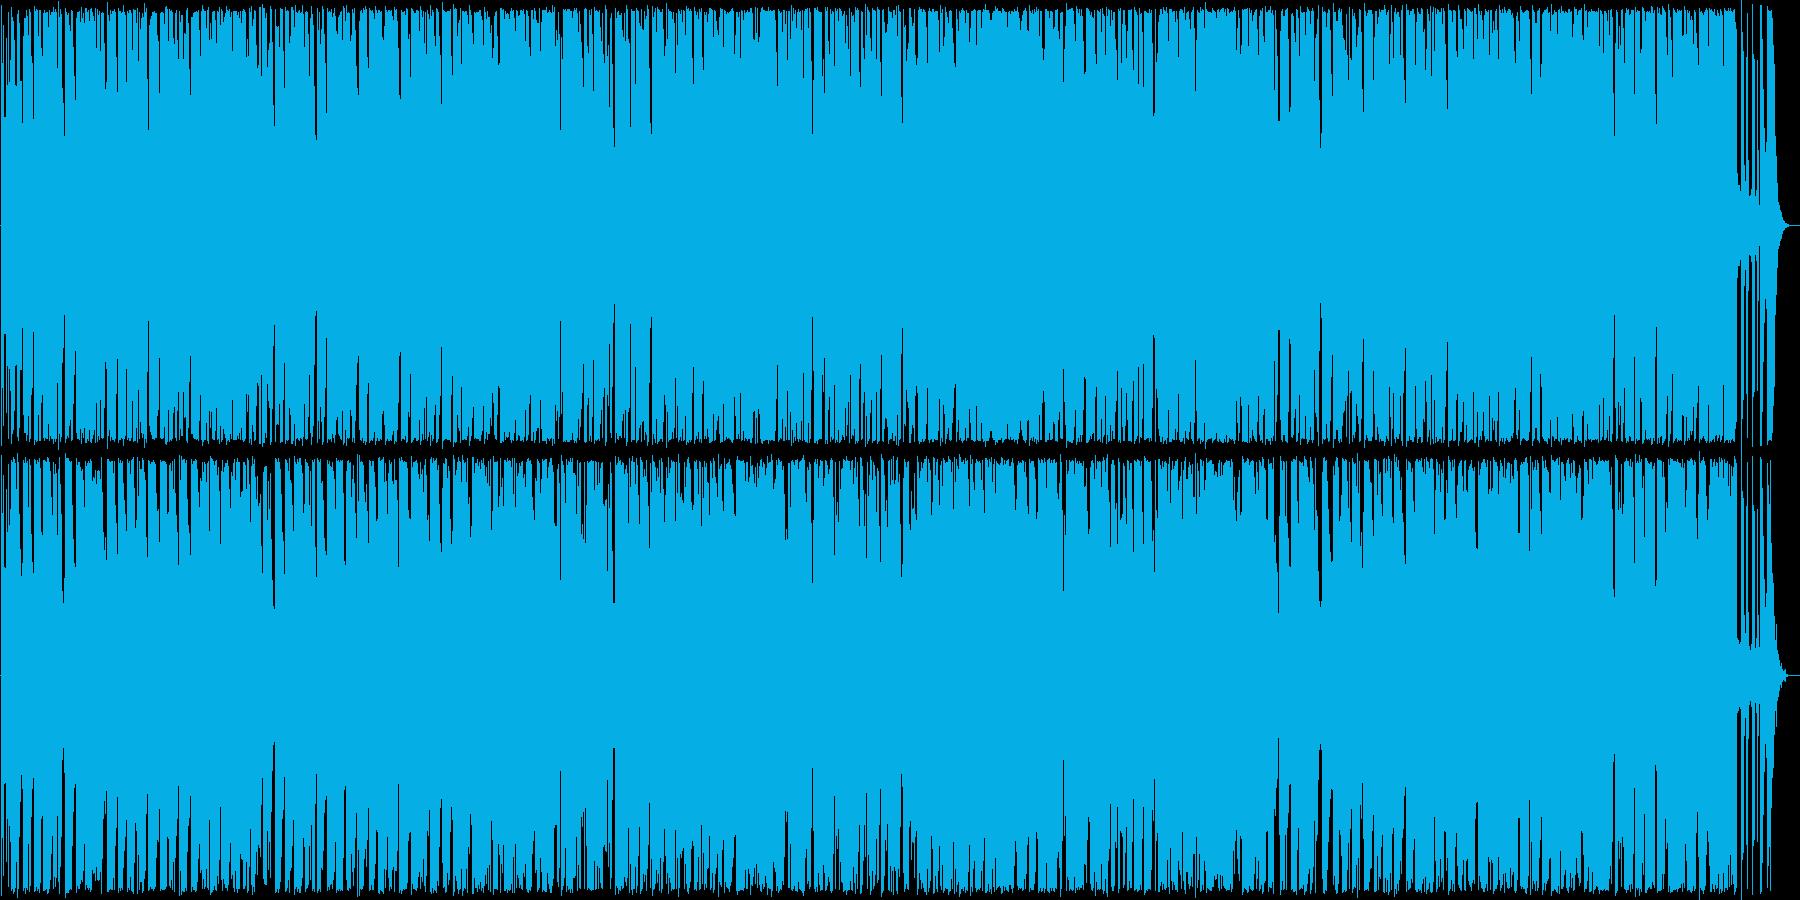 軽やかなブルース調のギターサウンドの再生済みの波形